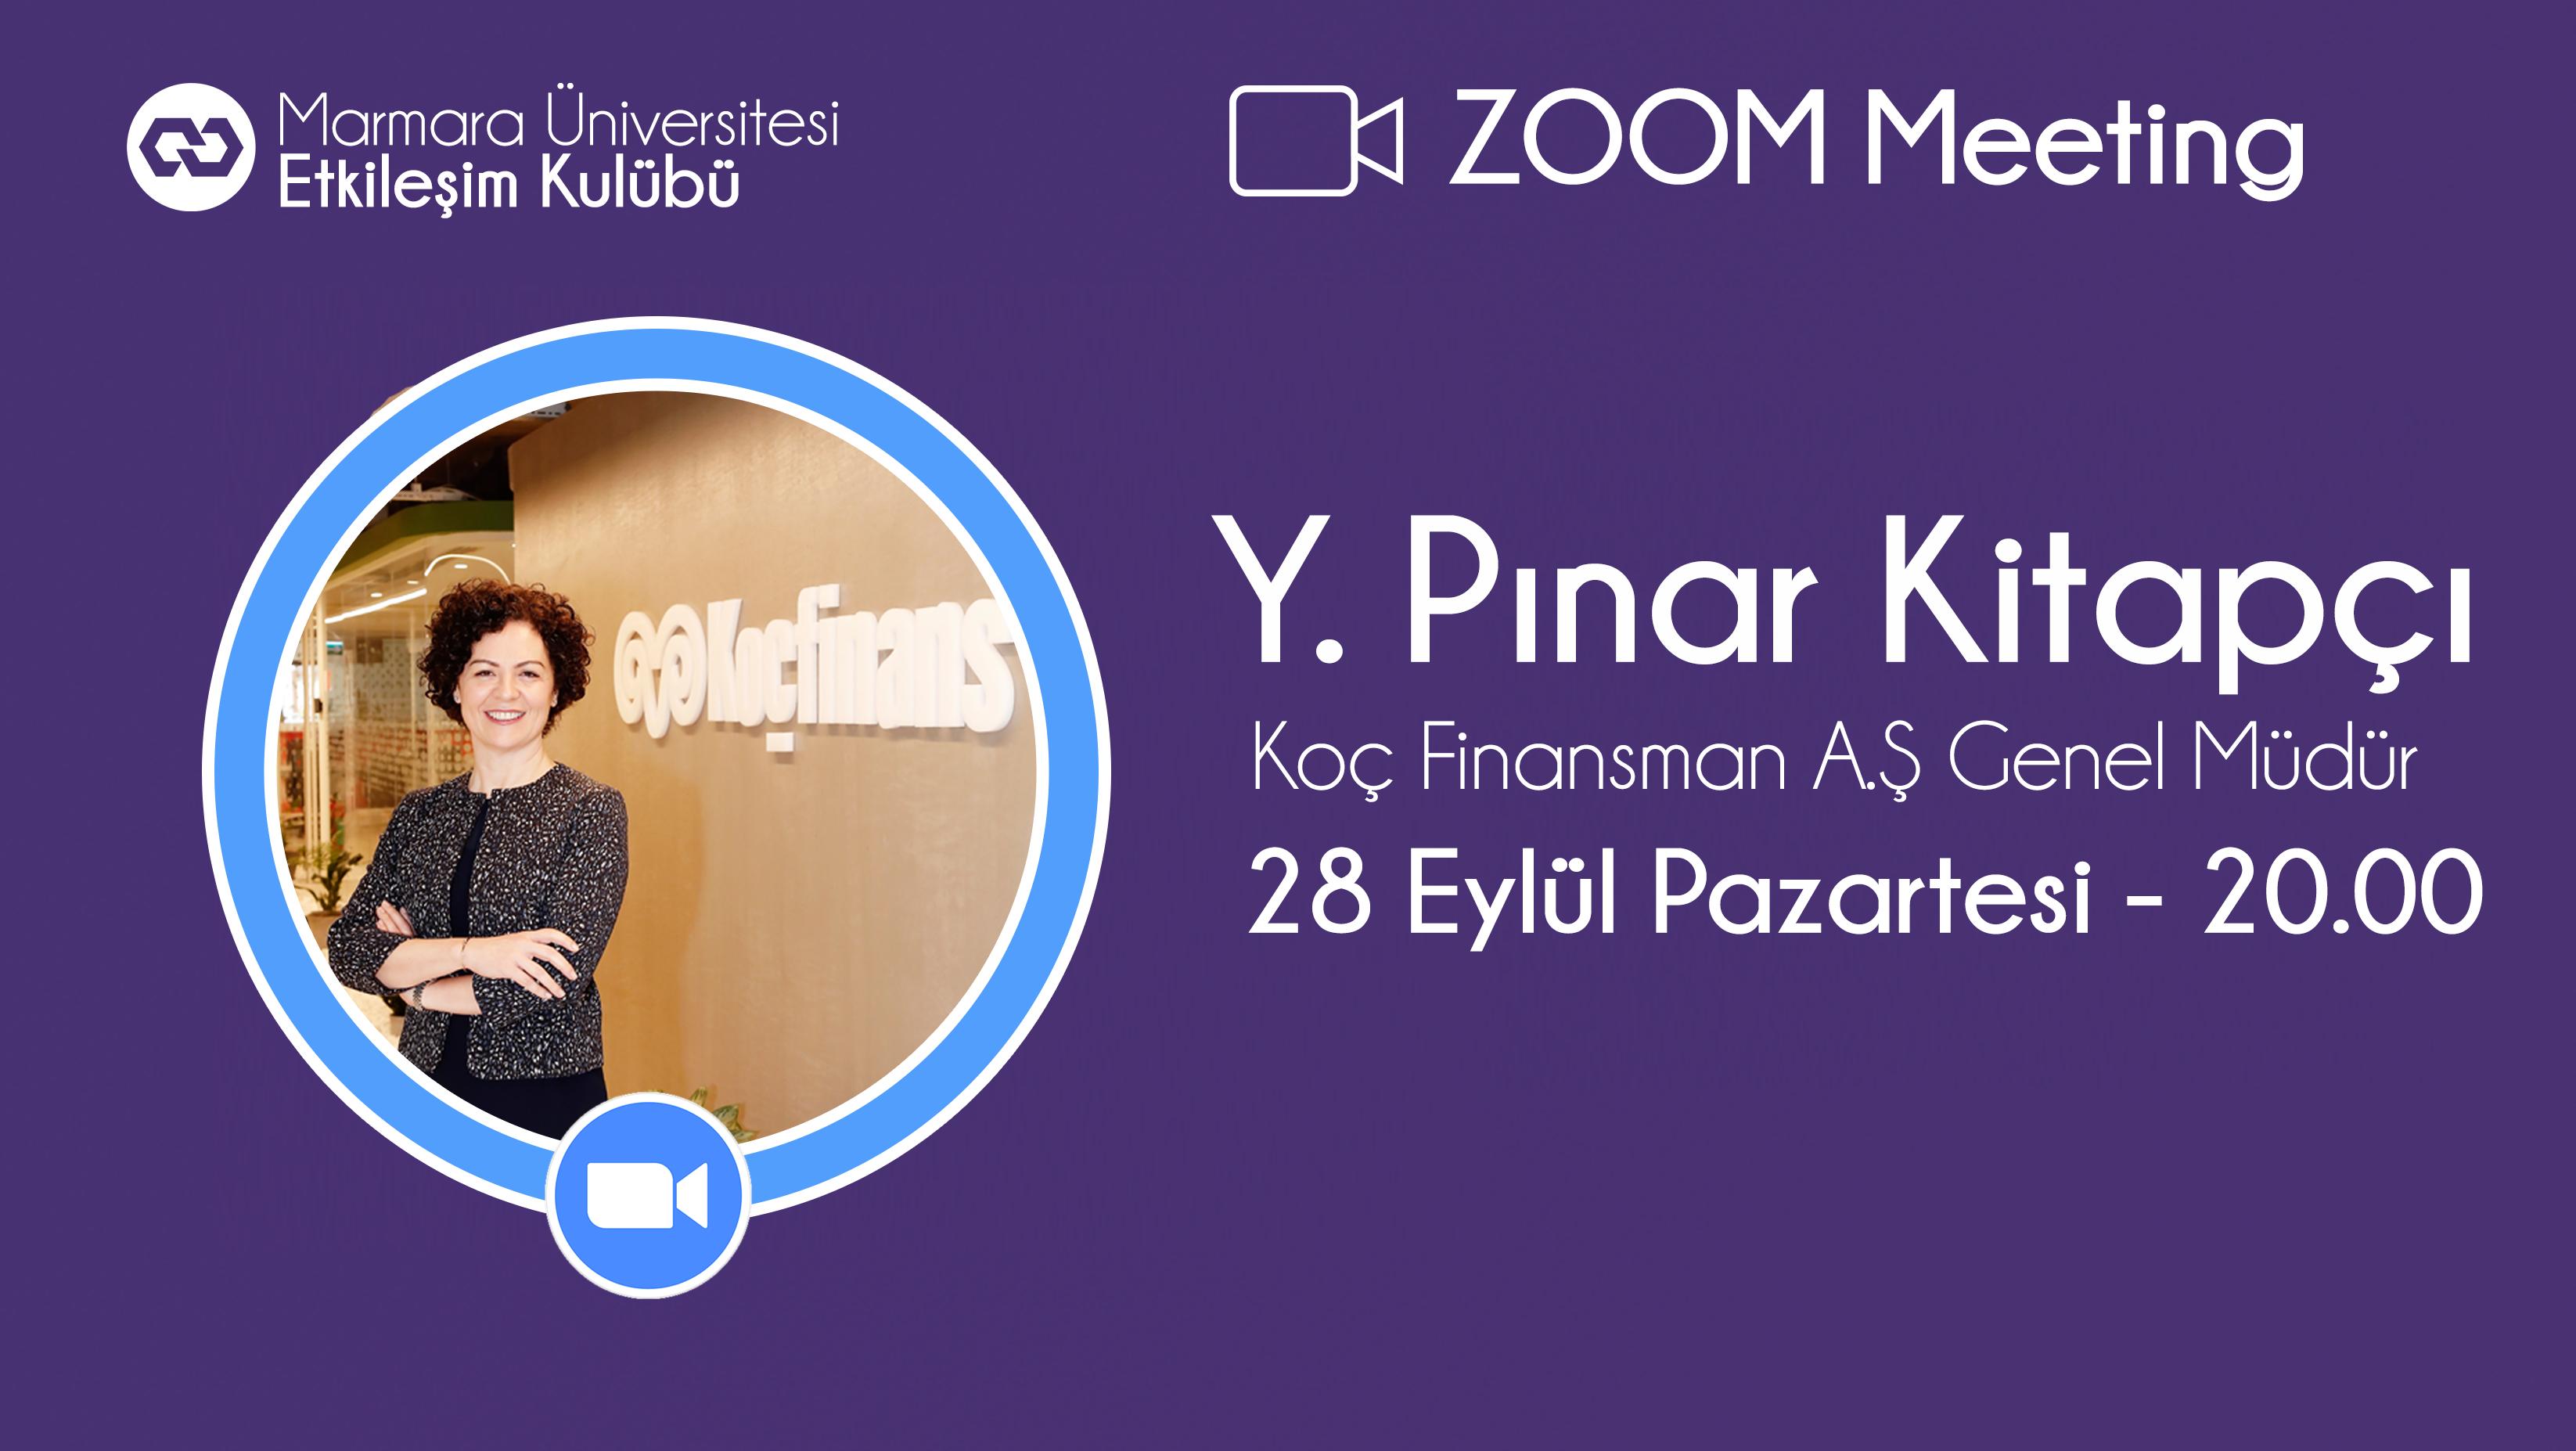 Öğrenci Kariyeri: Marmara Üniversitesi Etkileşim Kulübünün Bu Haftaki Canlı Yayın Konuğu Yeşim Pınar Kitapçı